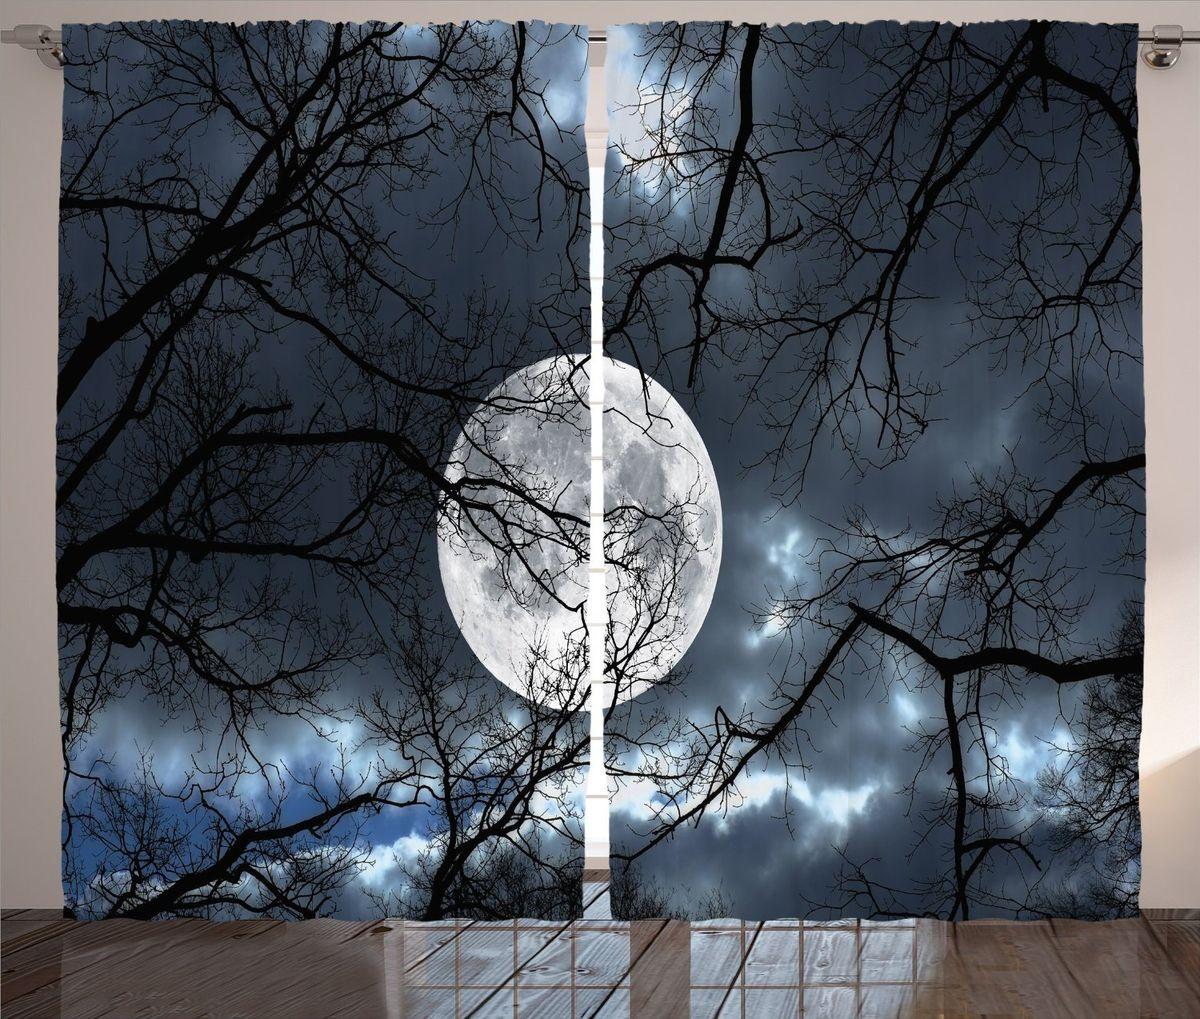 Комплект фотоштор Magic Lady Луна среди ветвей, на ленте, цвет: черный, белый, высота 265 смшсг_15748Компания Сэмболь изготавливает шторы из высококачественного сатена (полиэстер 100%). При изготовлении используются специальные гипоаллергенные чернила для прямой печати по ткани, безопасные для человека и животных. Экологичность фотоштор Magic Lady Луна среди ветвей и безопасность для окружающей среды подтверждены сертификатом Oeko-Tex Standard 100. Крепление: крючки для крепления на шторной ленте (50 шт.). Возможно крепление на трубу. Внимание! При нанесении сублимационной печати на ткань технологическим методом при температуре 240 С, возможно отклонение полученных размеров (указанных на этикетке и сайте) от стандартных на + - 3- 5 см. Мы стараемся максимально точно передать цвета изделия на наших фотографиях, однако искажения неизбежны и фактический цвет изделия может отличаться от воспринимаемого по фото. Обратите внимание! Шторы изготовлены из полиэстра сатенового переплетения, а не из сатина (хлопок). Размер одного полотна шторы: 145 х 265 см.